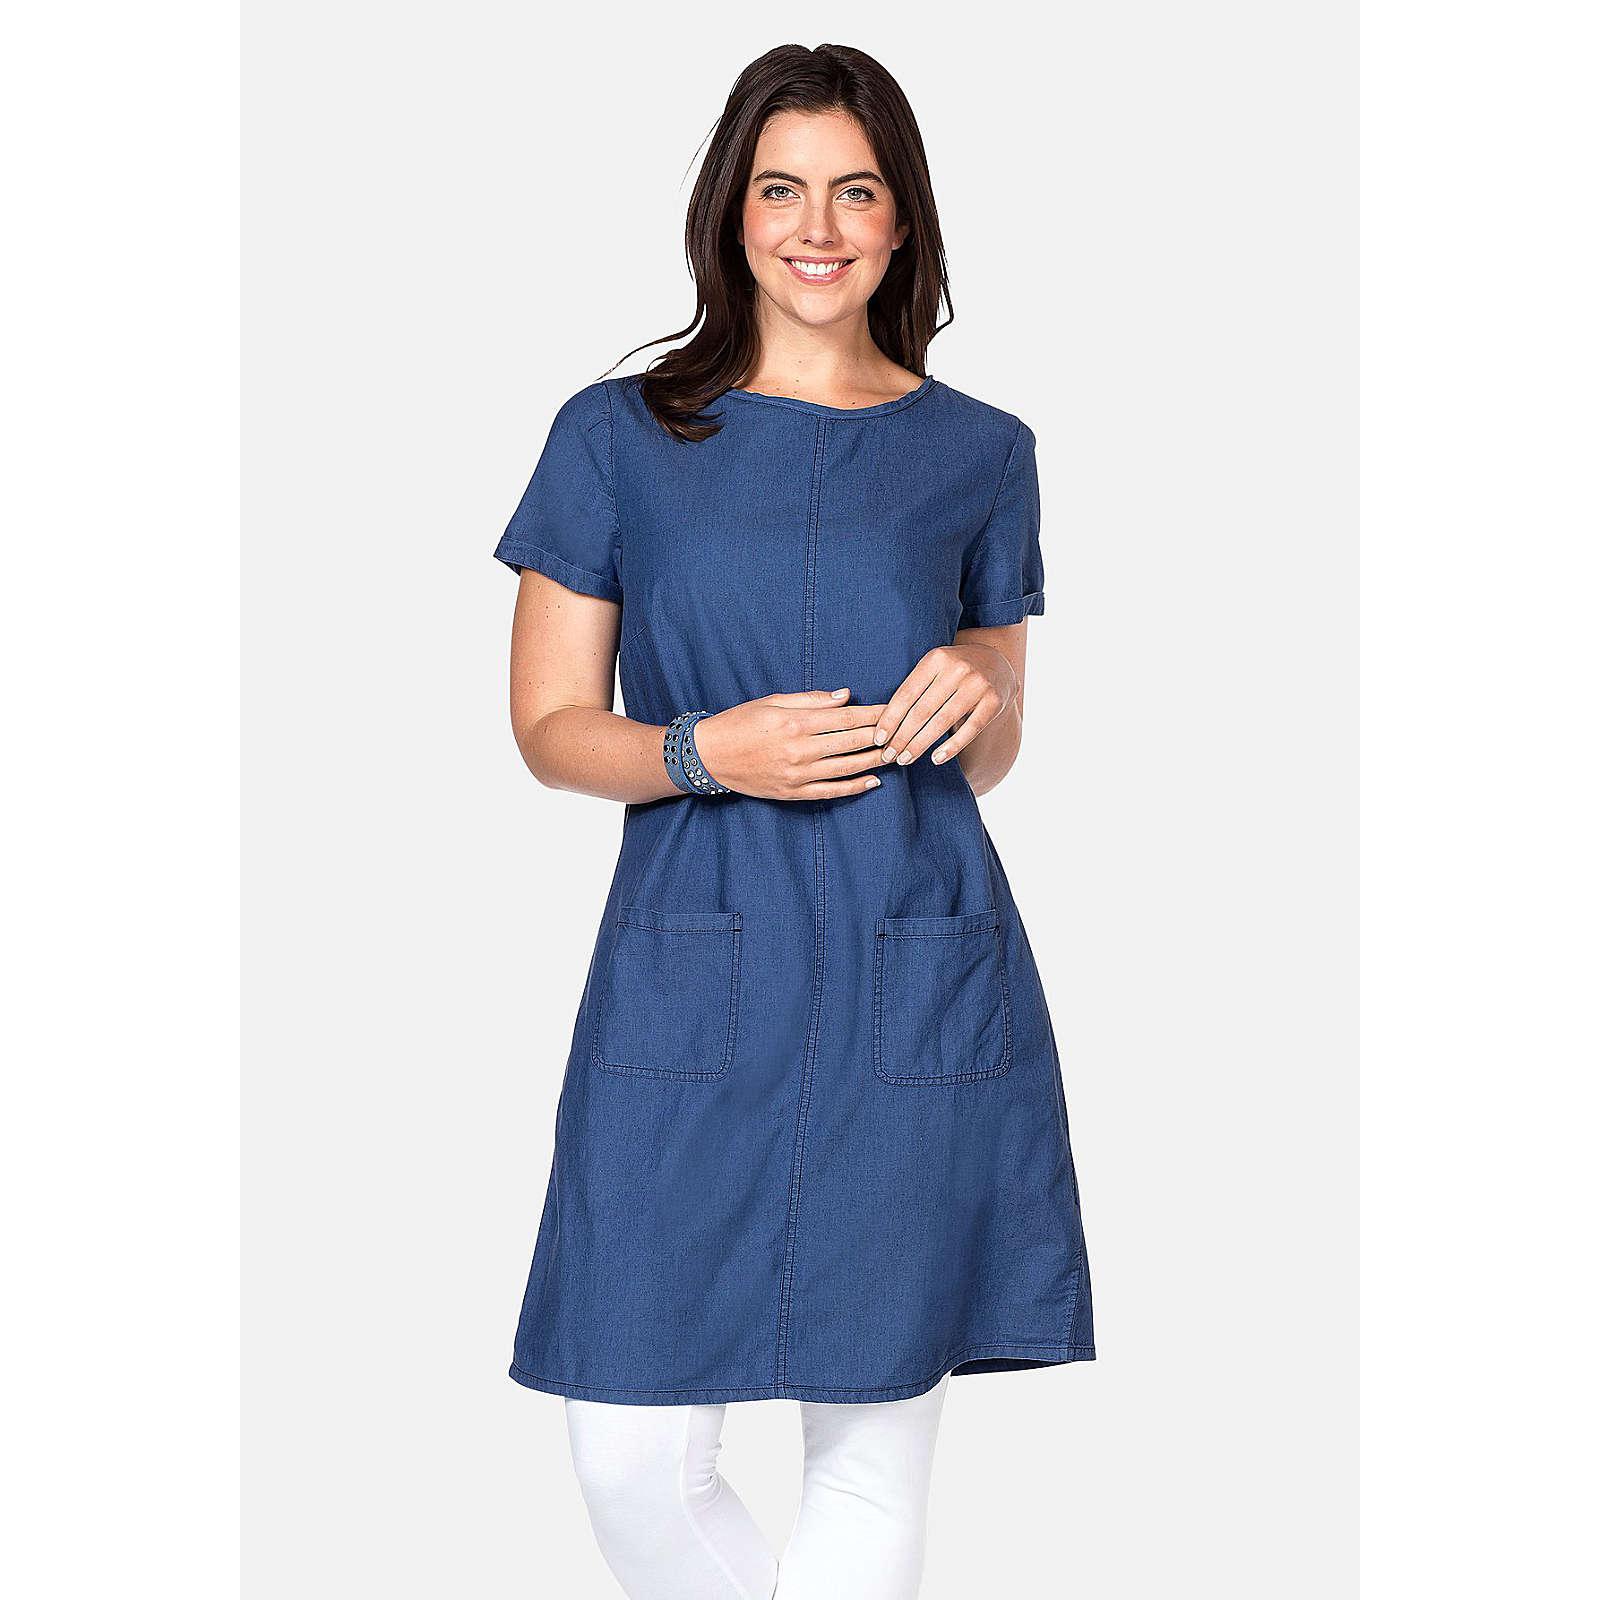 sheego Jeanskleid mit aufgesetzten Taschen Jeanskleider denim Damen Gr. 44